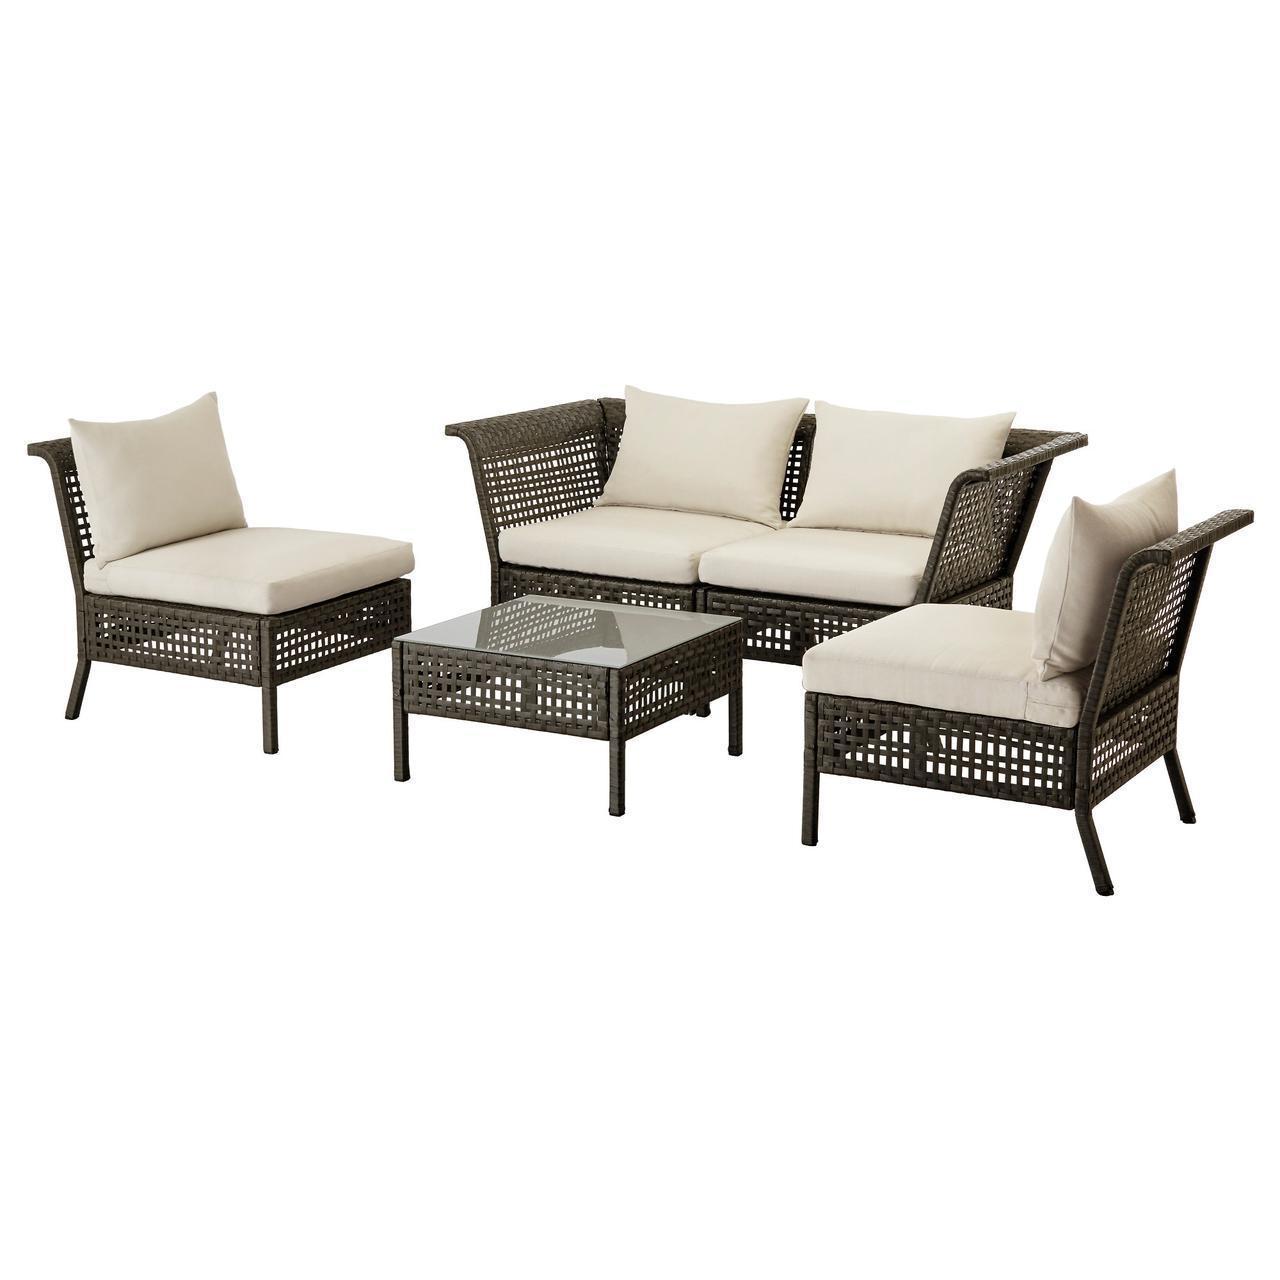 IKEA KUNGSHOLMEN Набор садовой мебели для 4 человек, черно-коричневый, бежевый Холло (690.255.69)